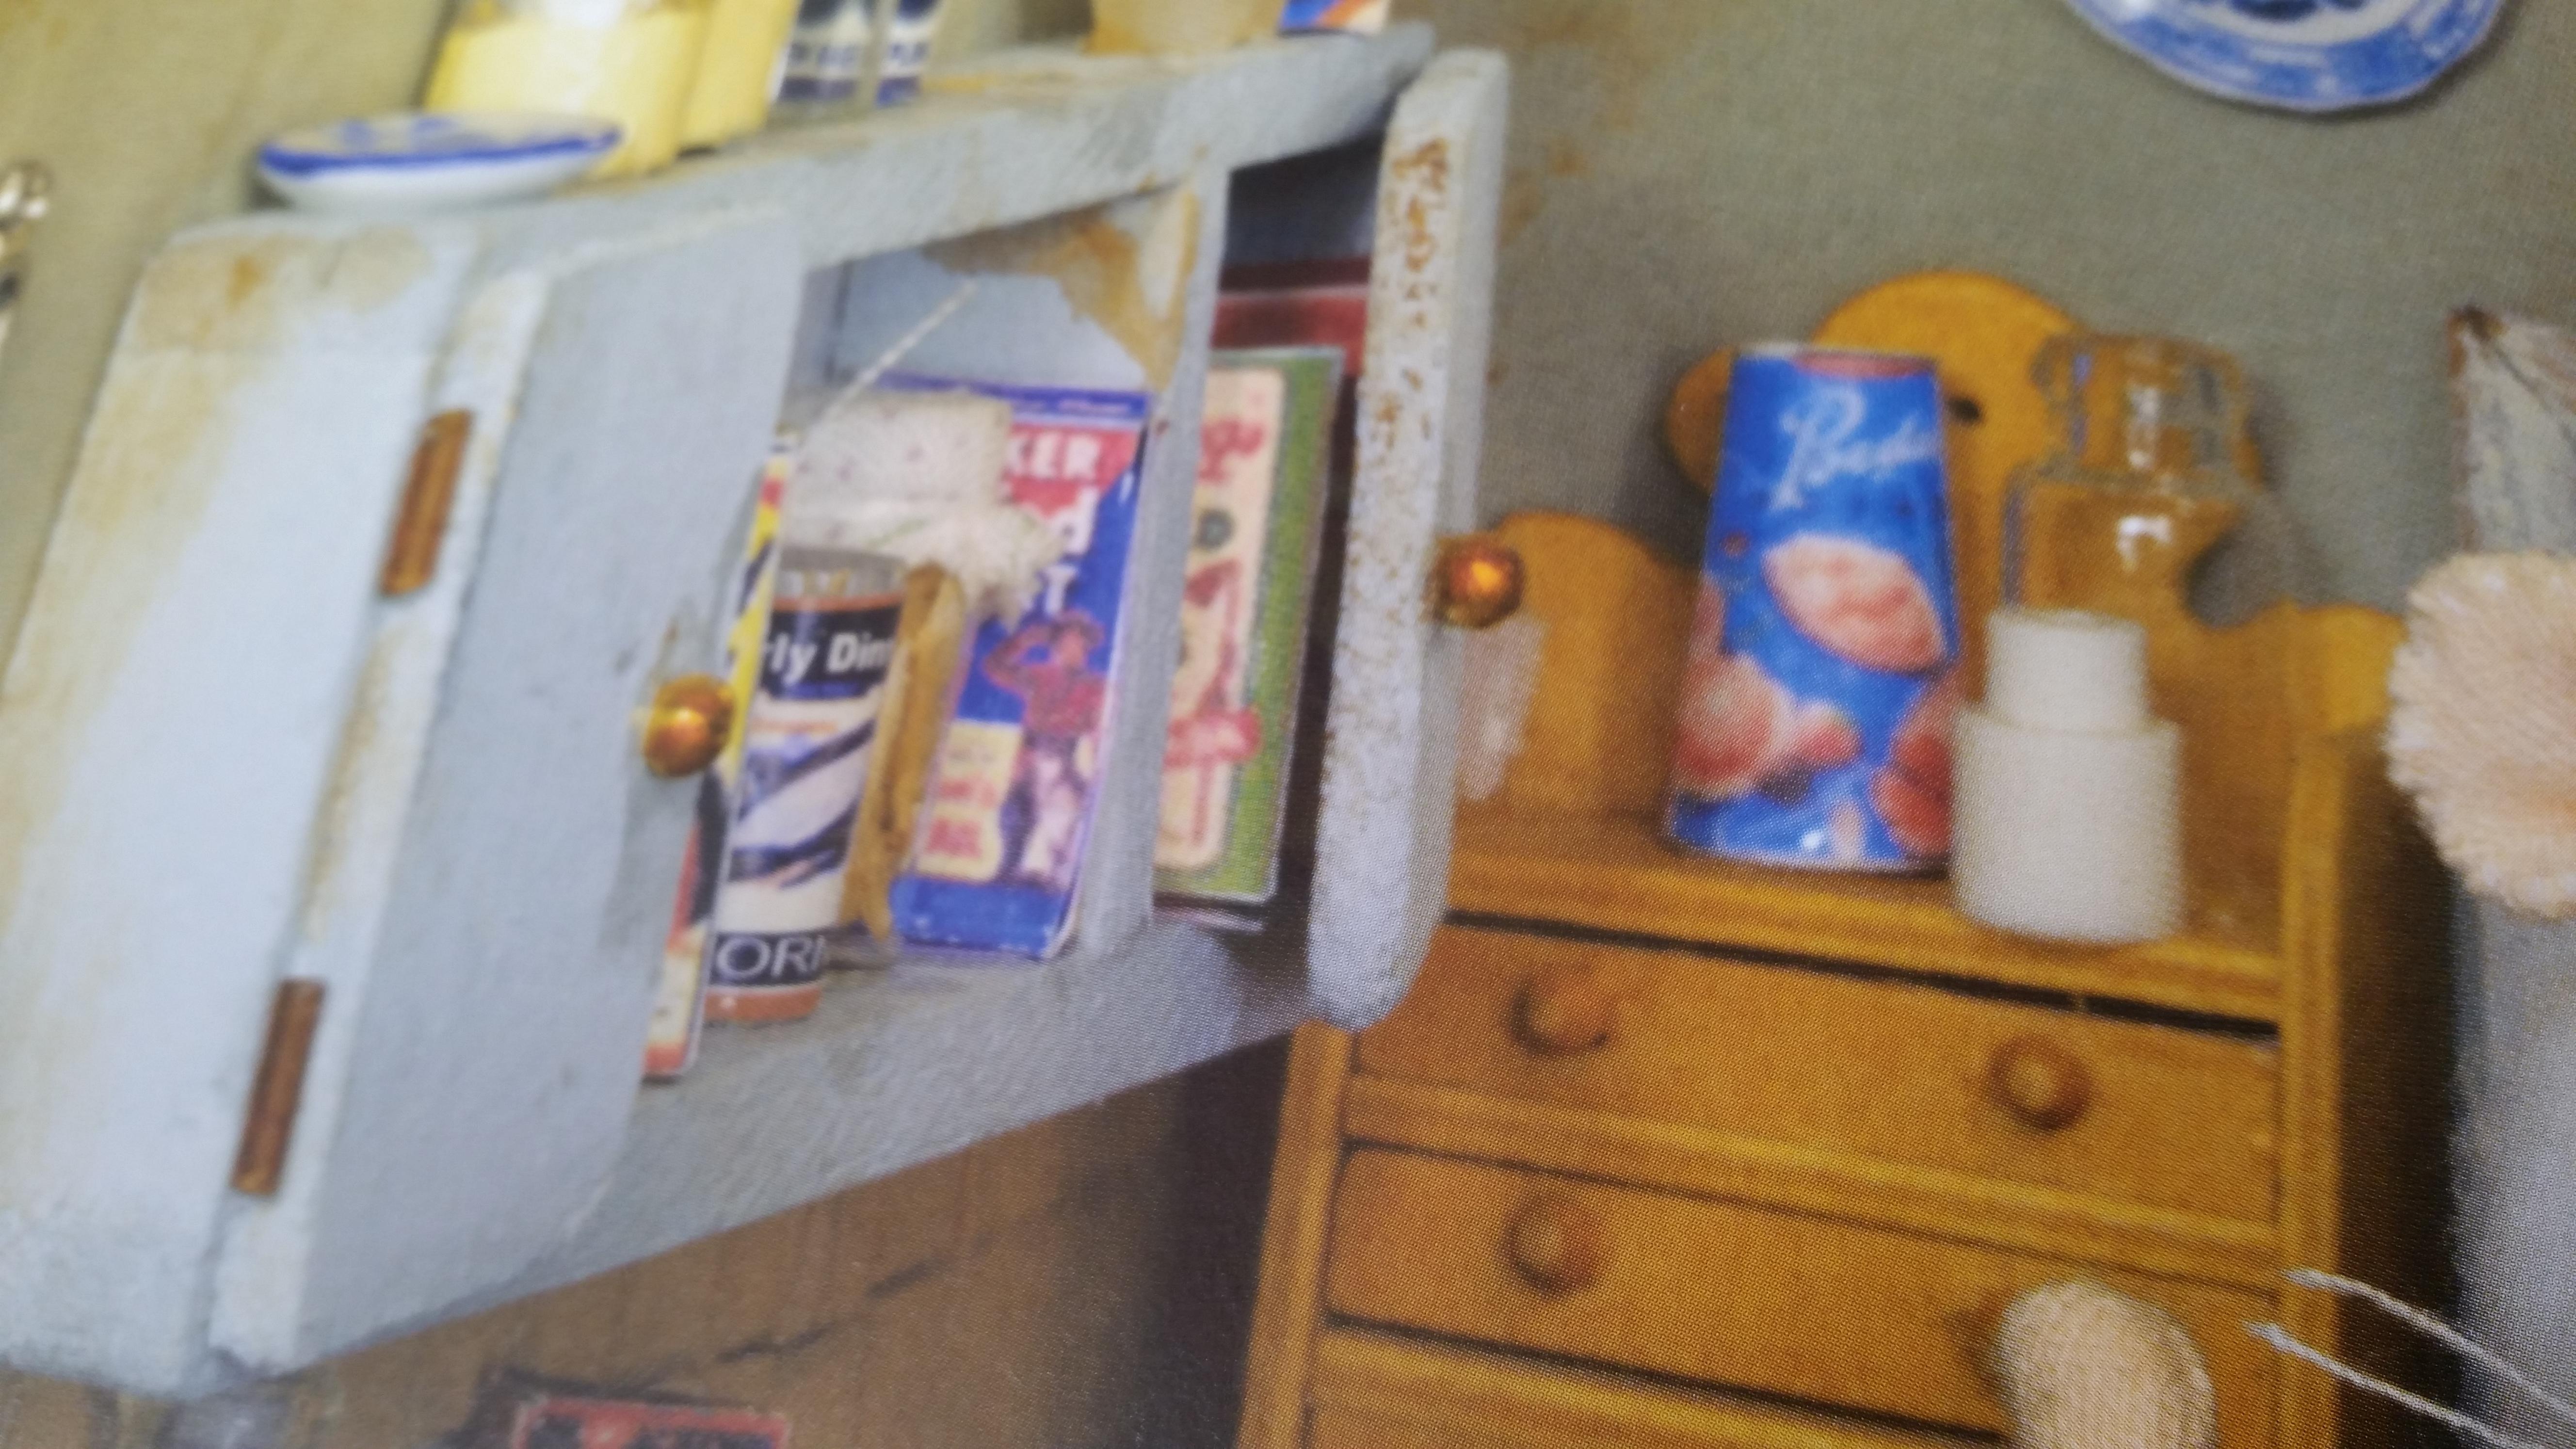 5-16-kermis-muizenhuis-boek-review-boeken-lezen-voorlezen-sam-en-julia-muizen-nanny-moeder-amsterdam-grappig